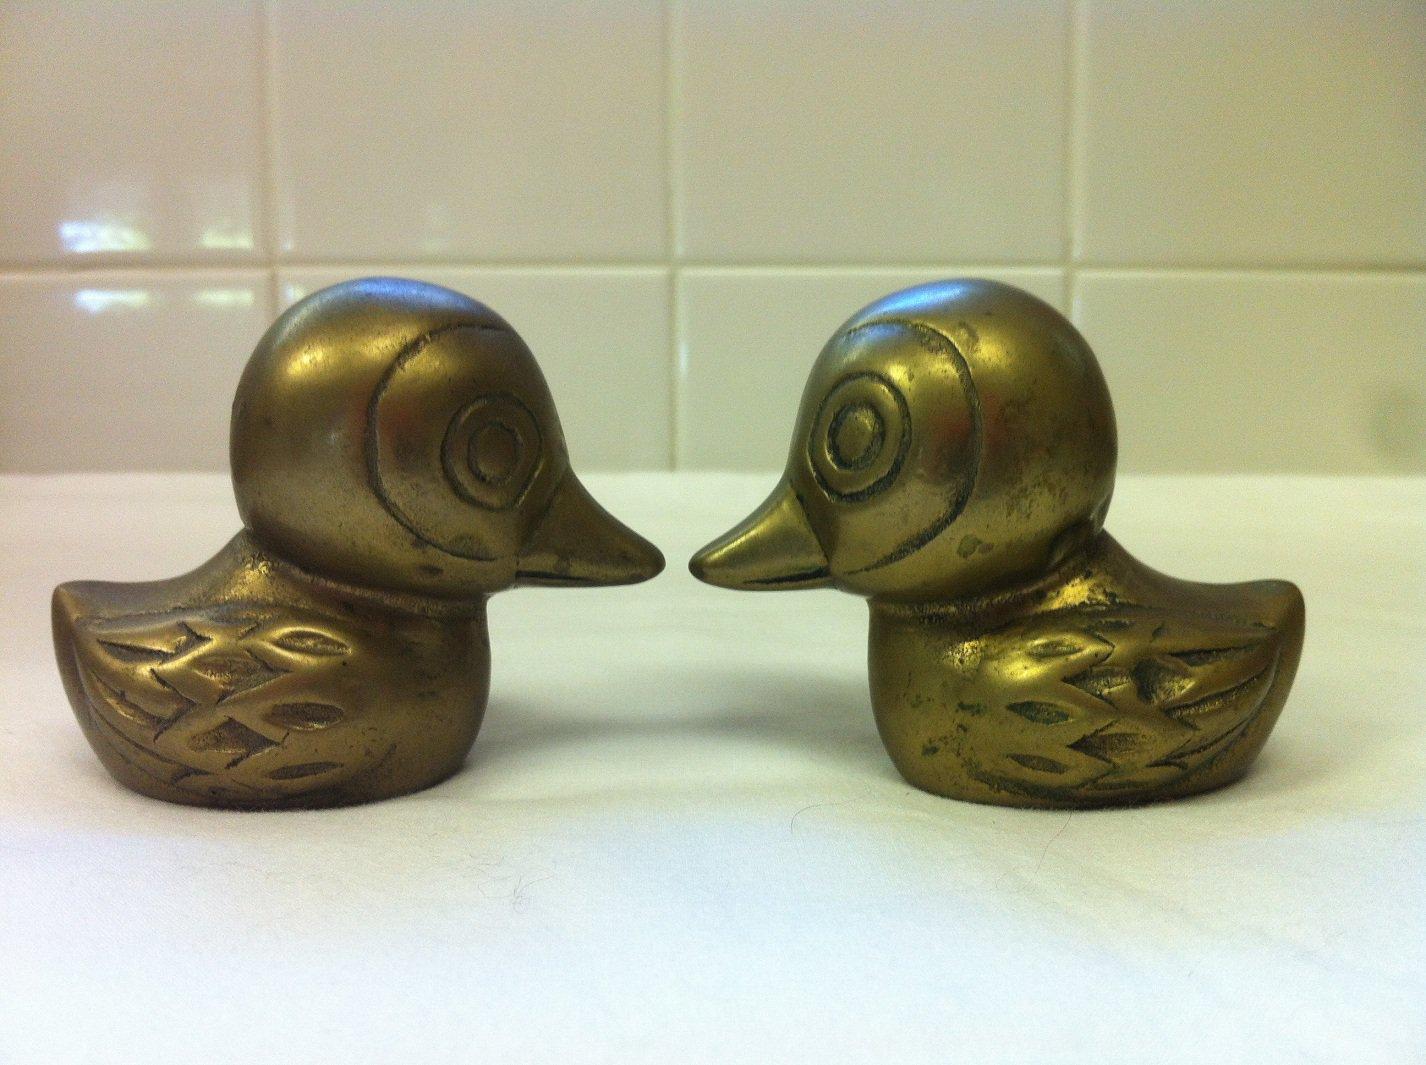 2 Heavy Brass Paper Weight Baby Ducks